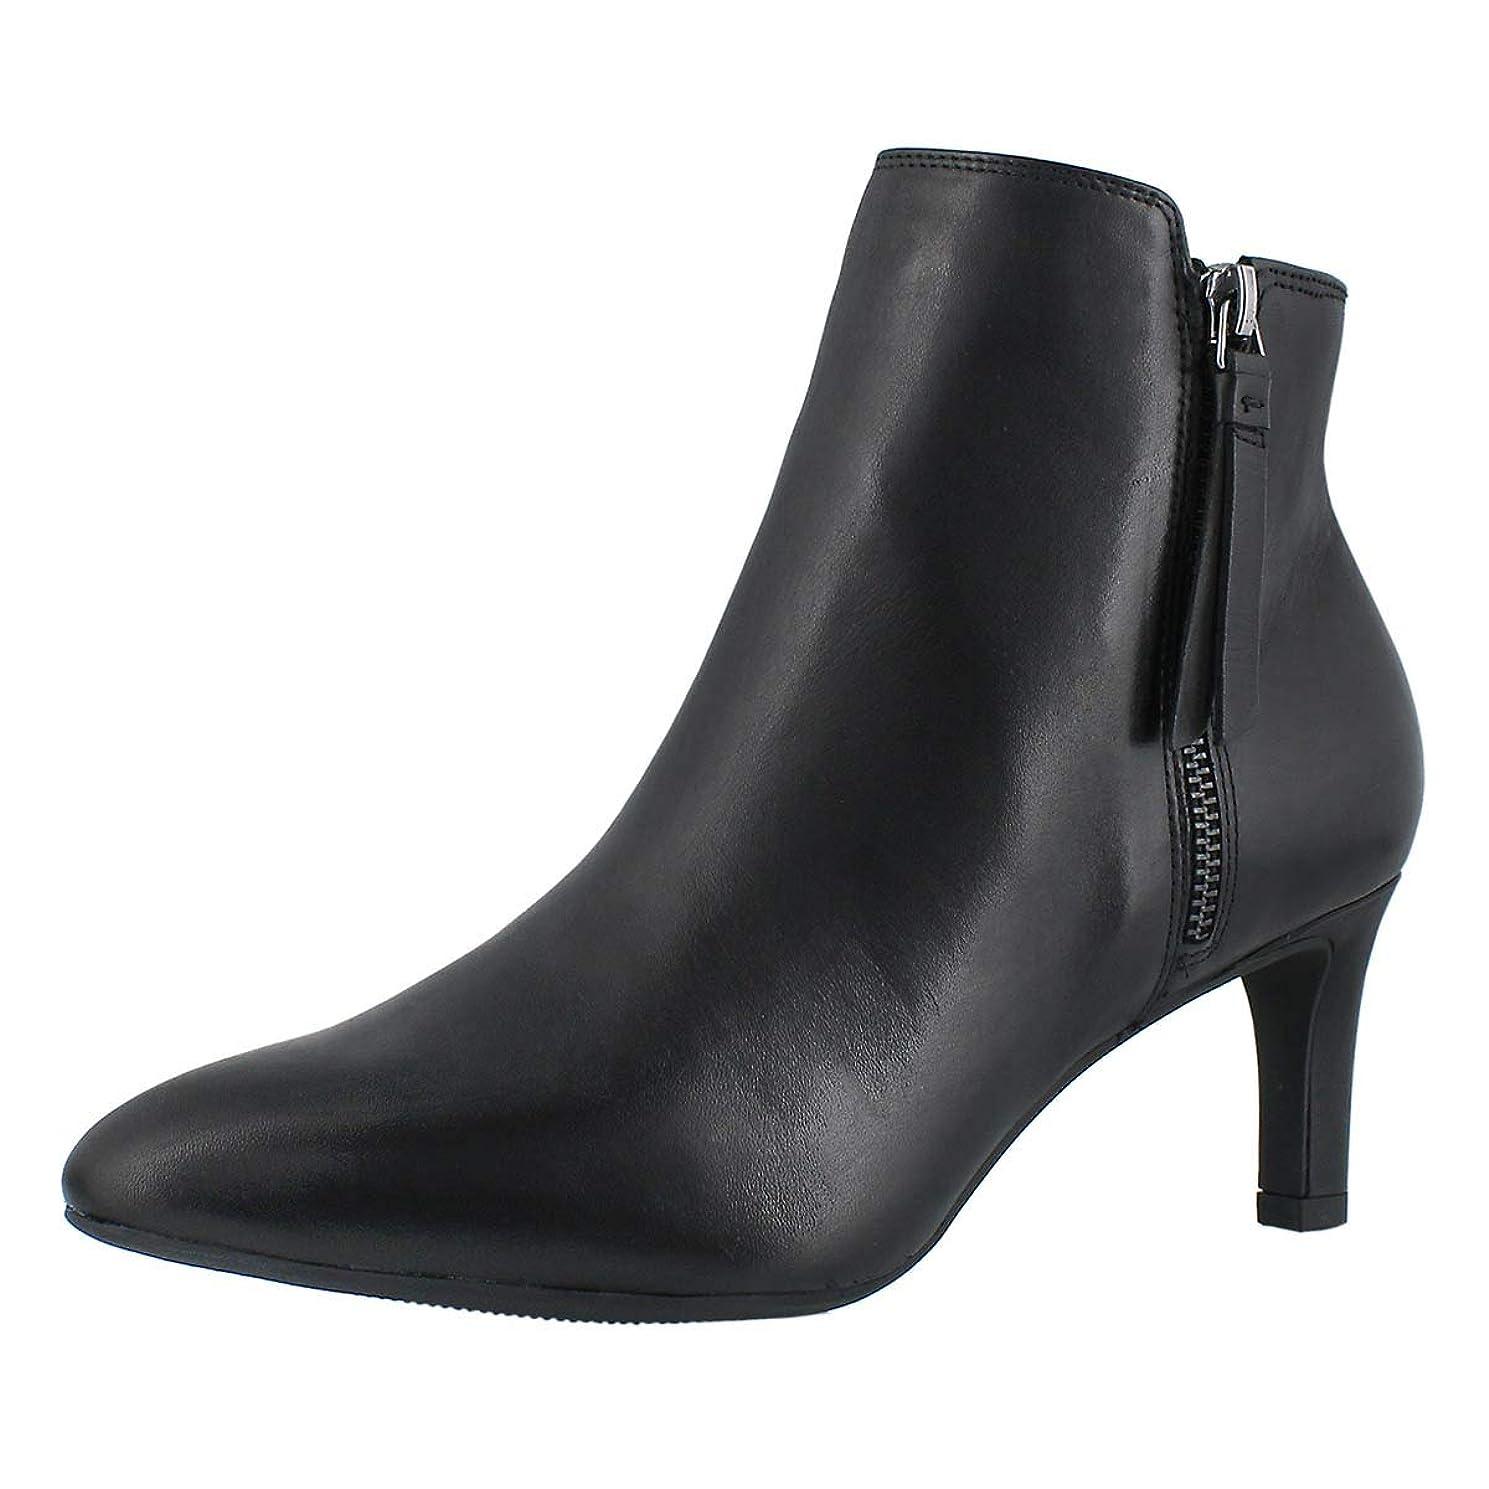 ダニメールを書く民族主義[クラークス] レディース 女性用 シューズ 靴 ブーツ アンクルブーツ ショート Calla Blossom - Black Leather [並行輸入品]